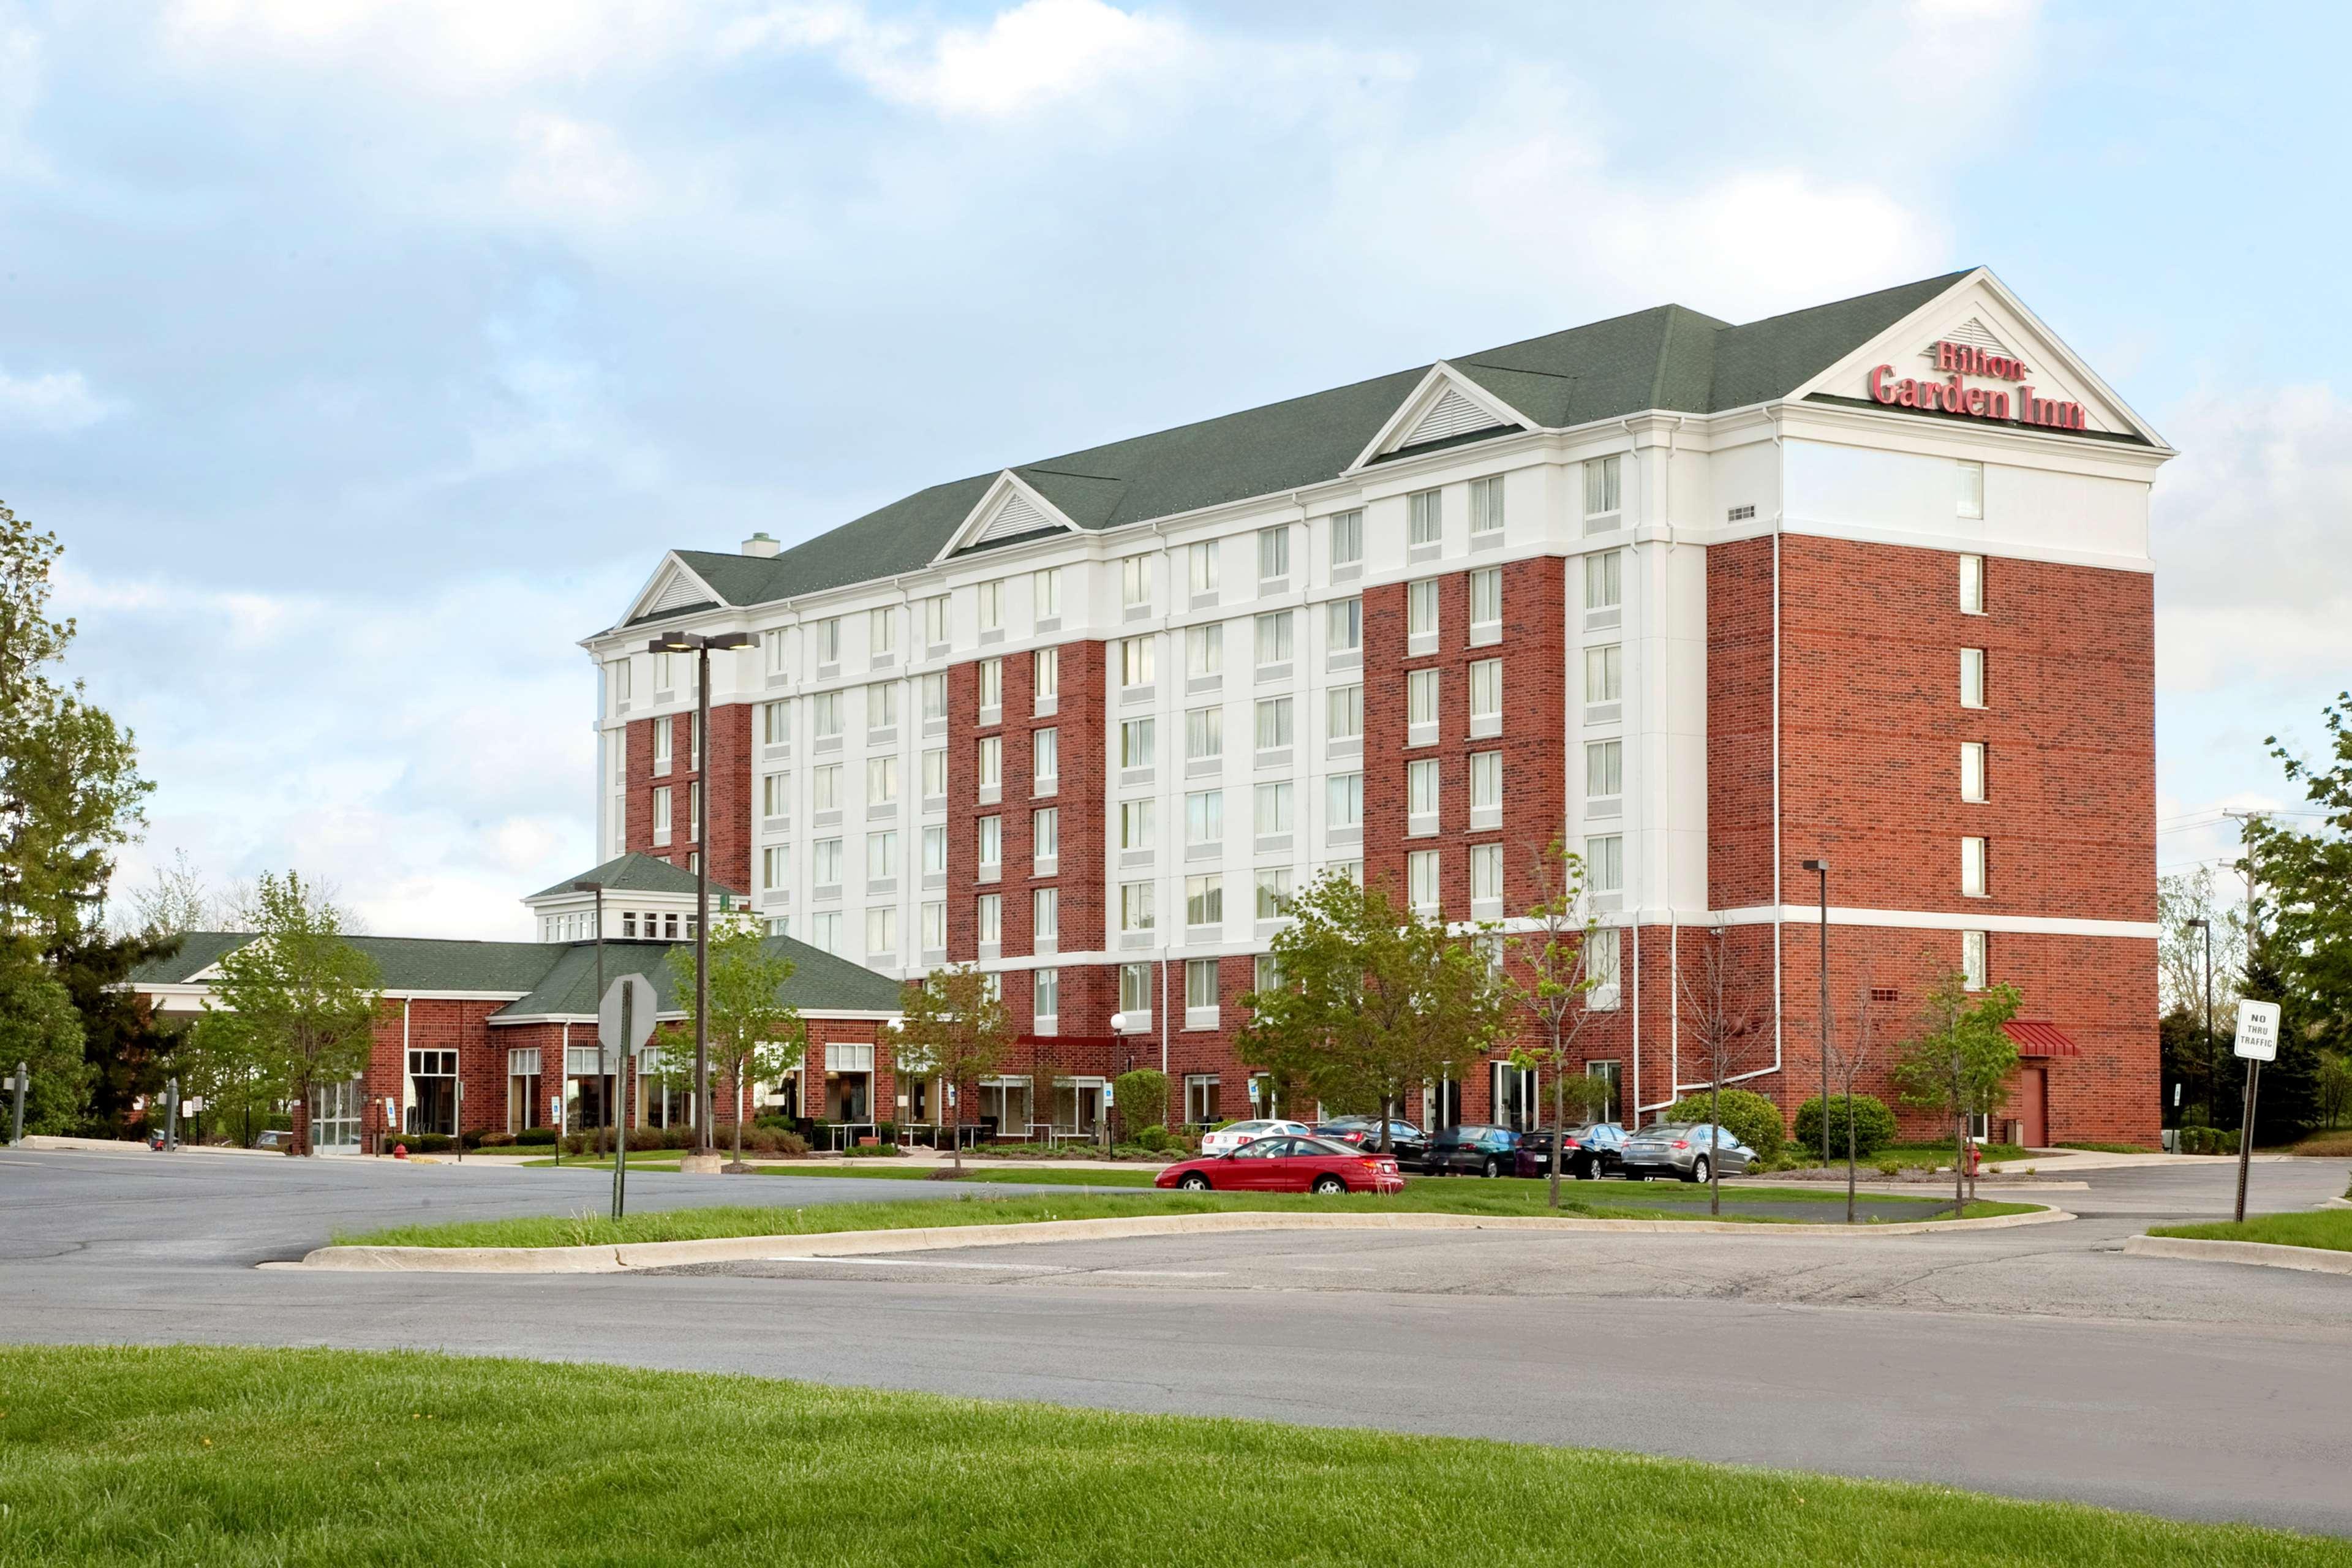 Hilton Garden Inn Hoffman Estates image 1